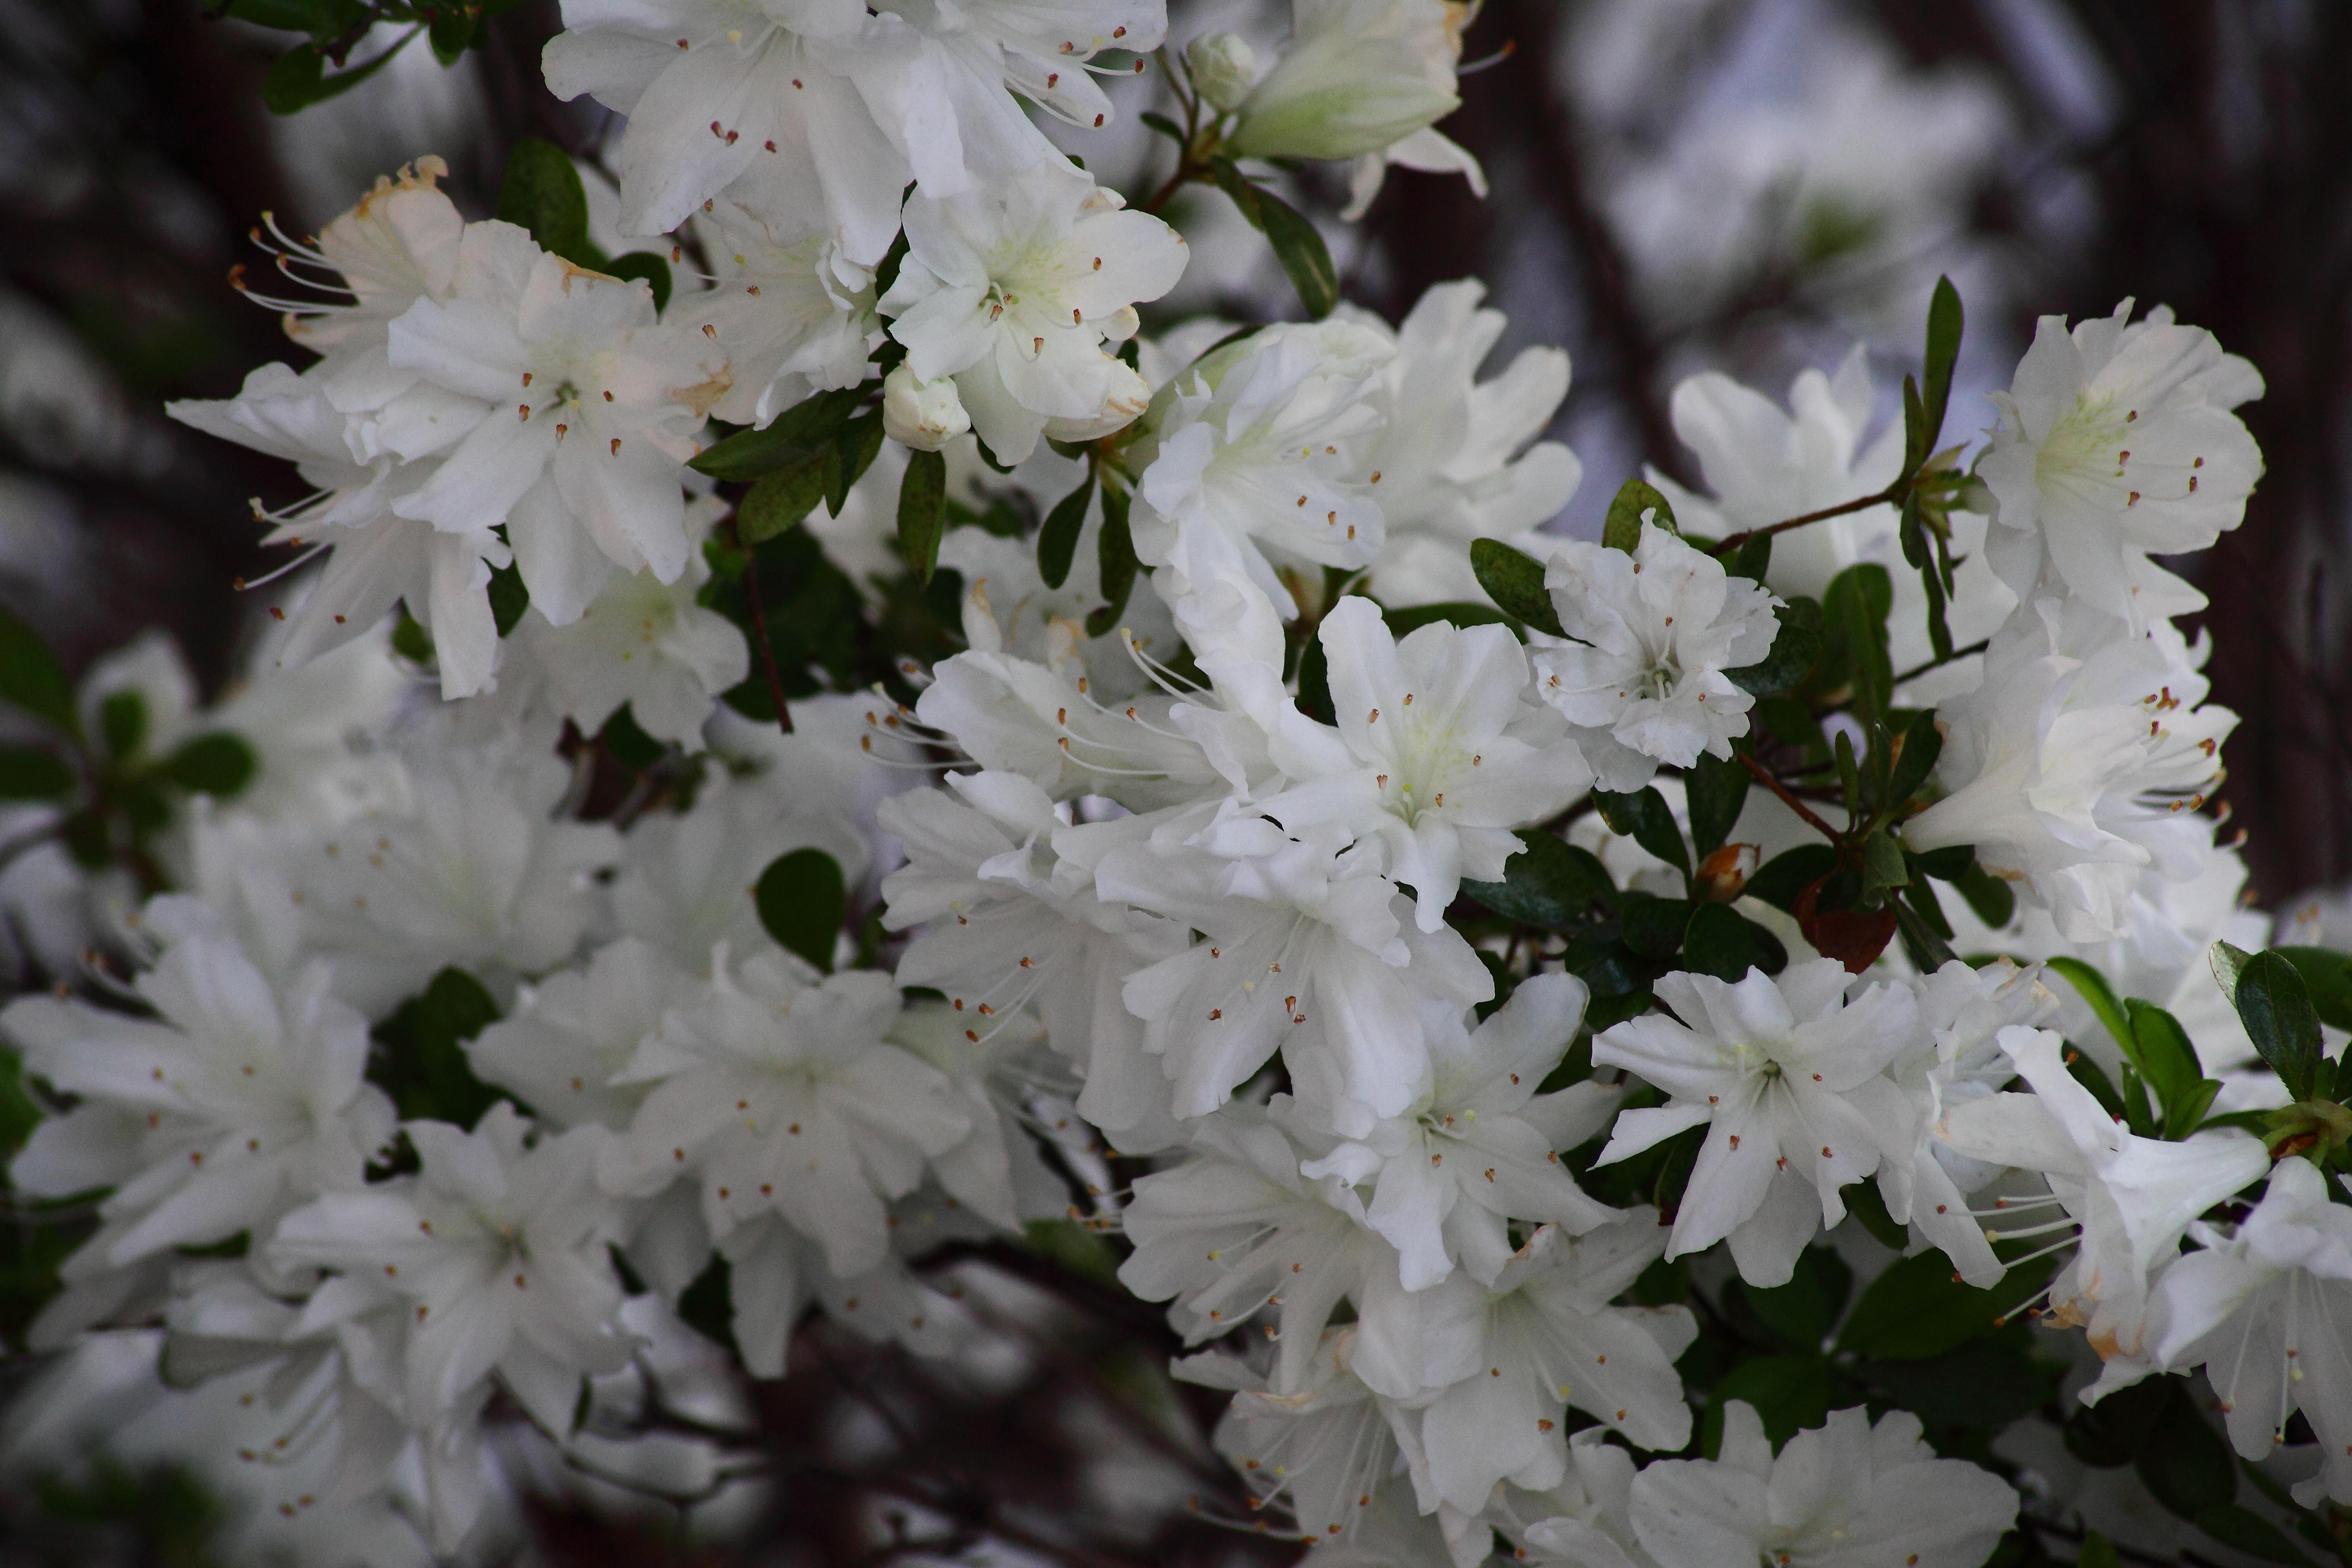 Filewhite flowers azalea bloom spring west virginia filewhite flowers azalea bloom spring west virginia forestwander mightylinksfo